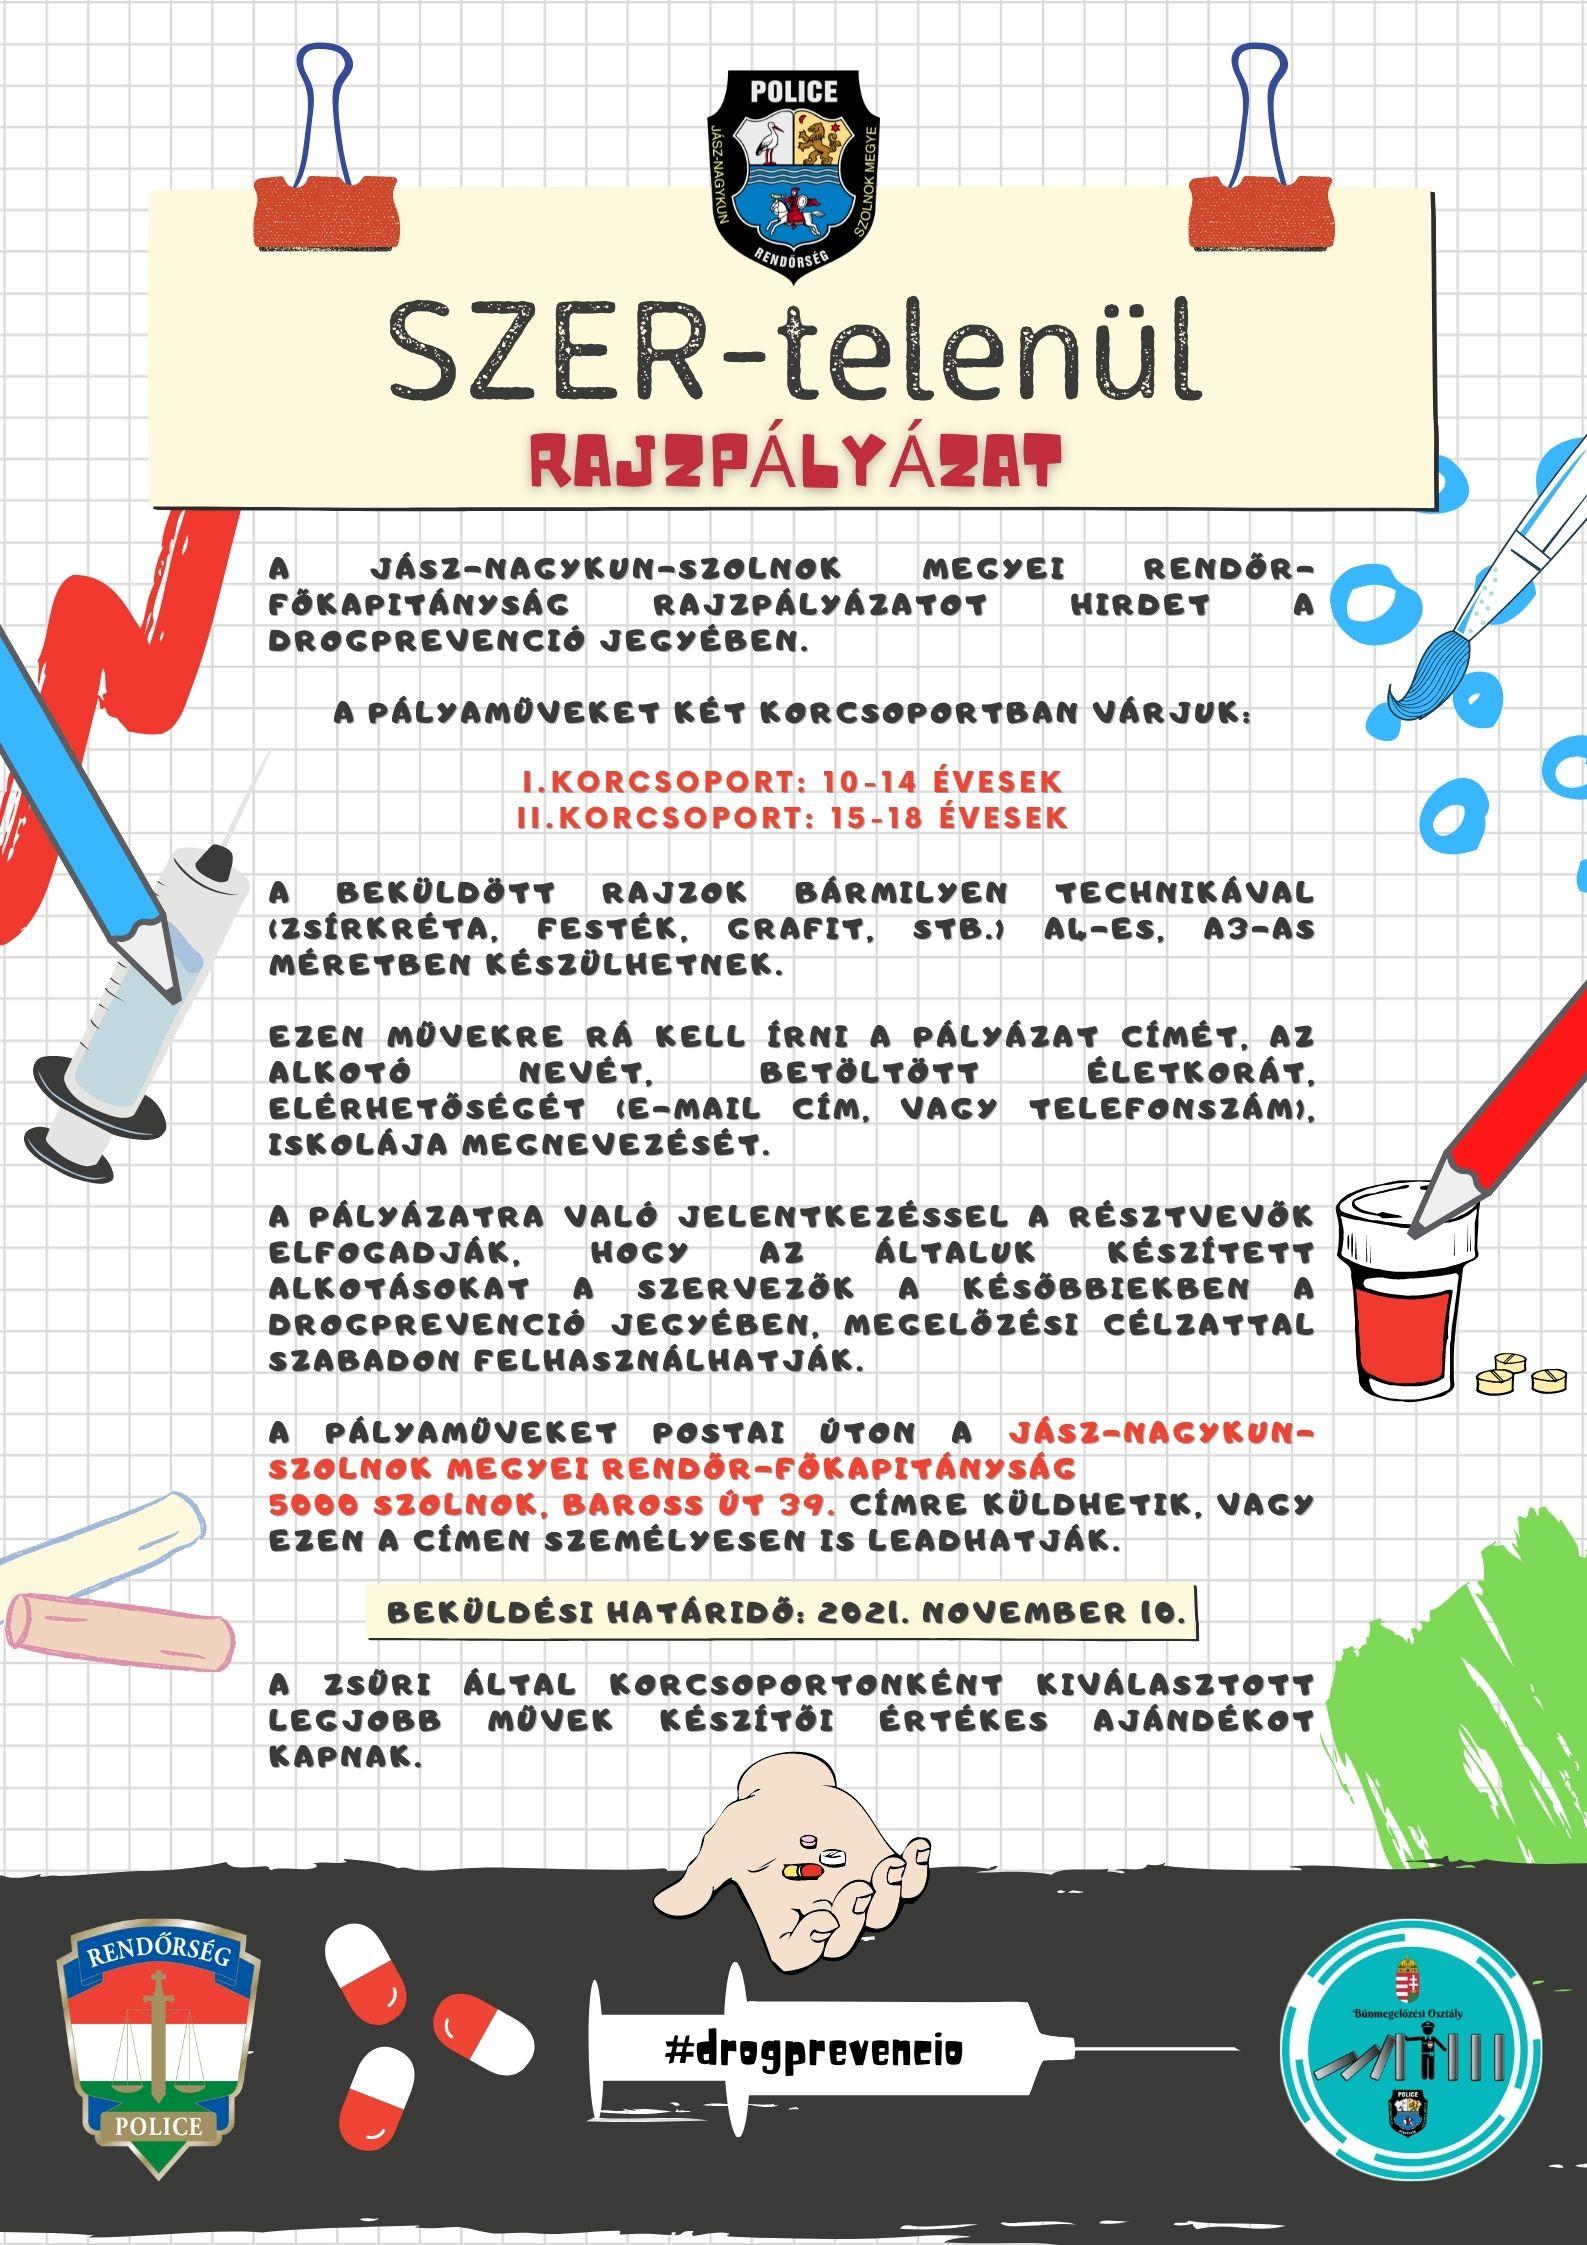 SZER-telenül rajzpályázat